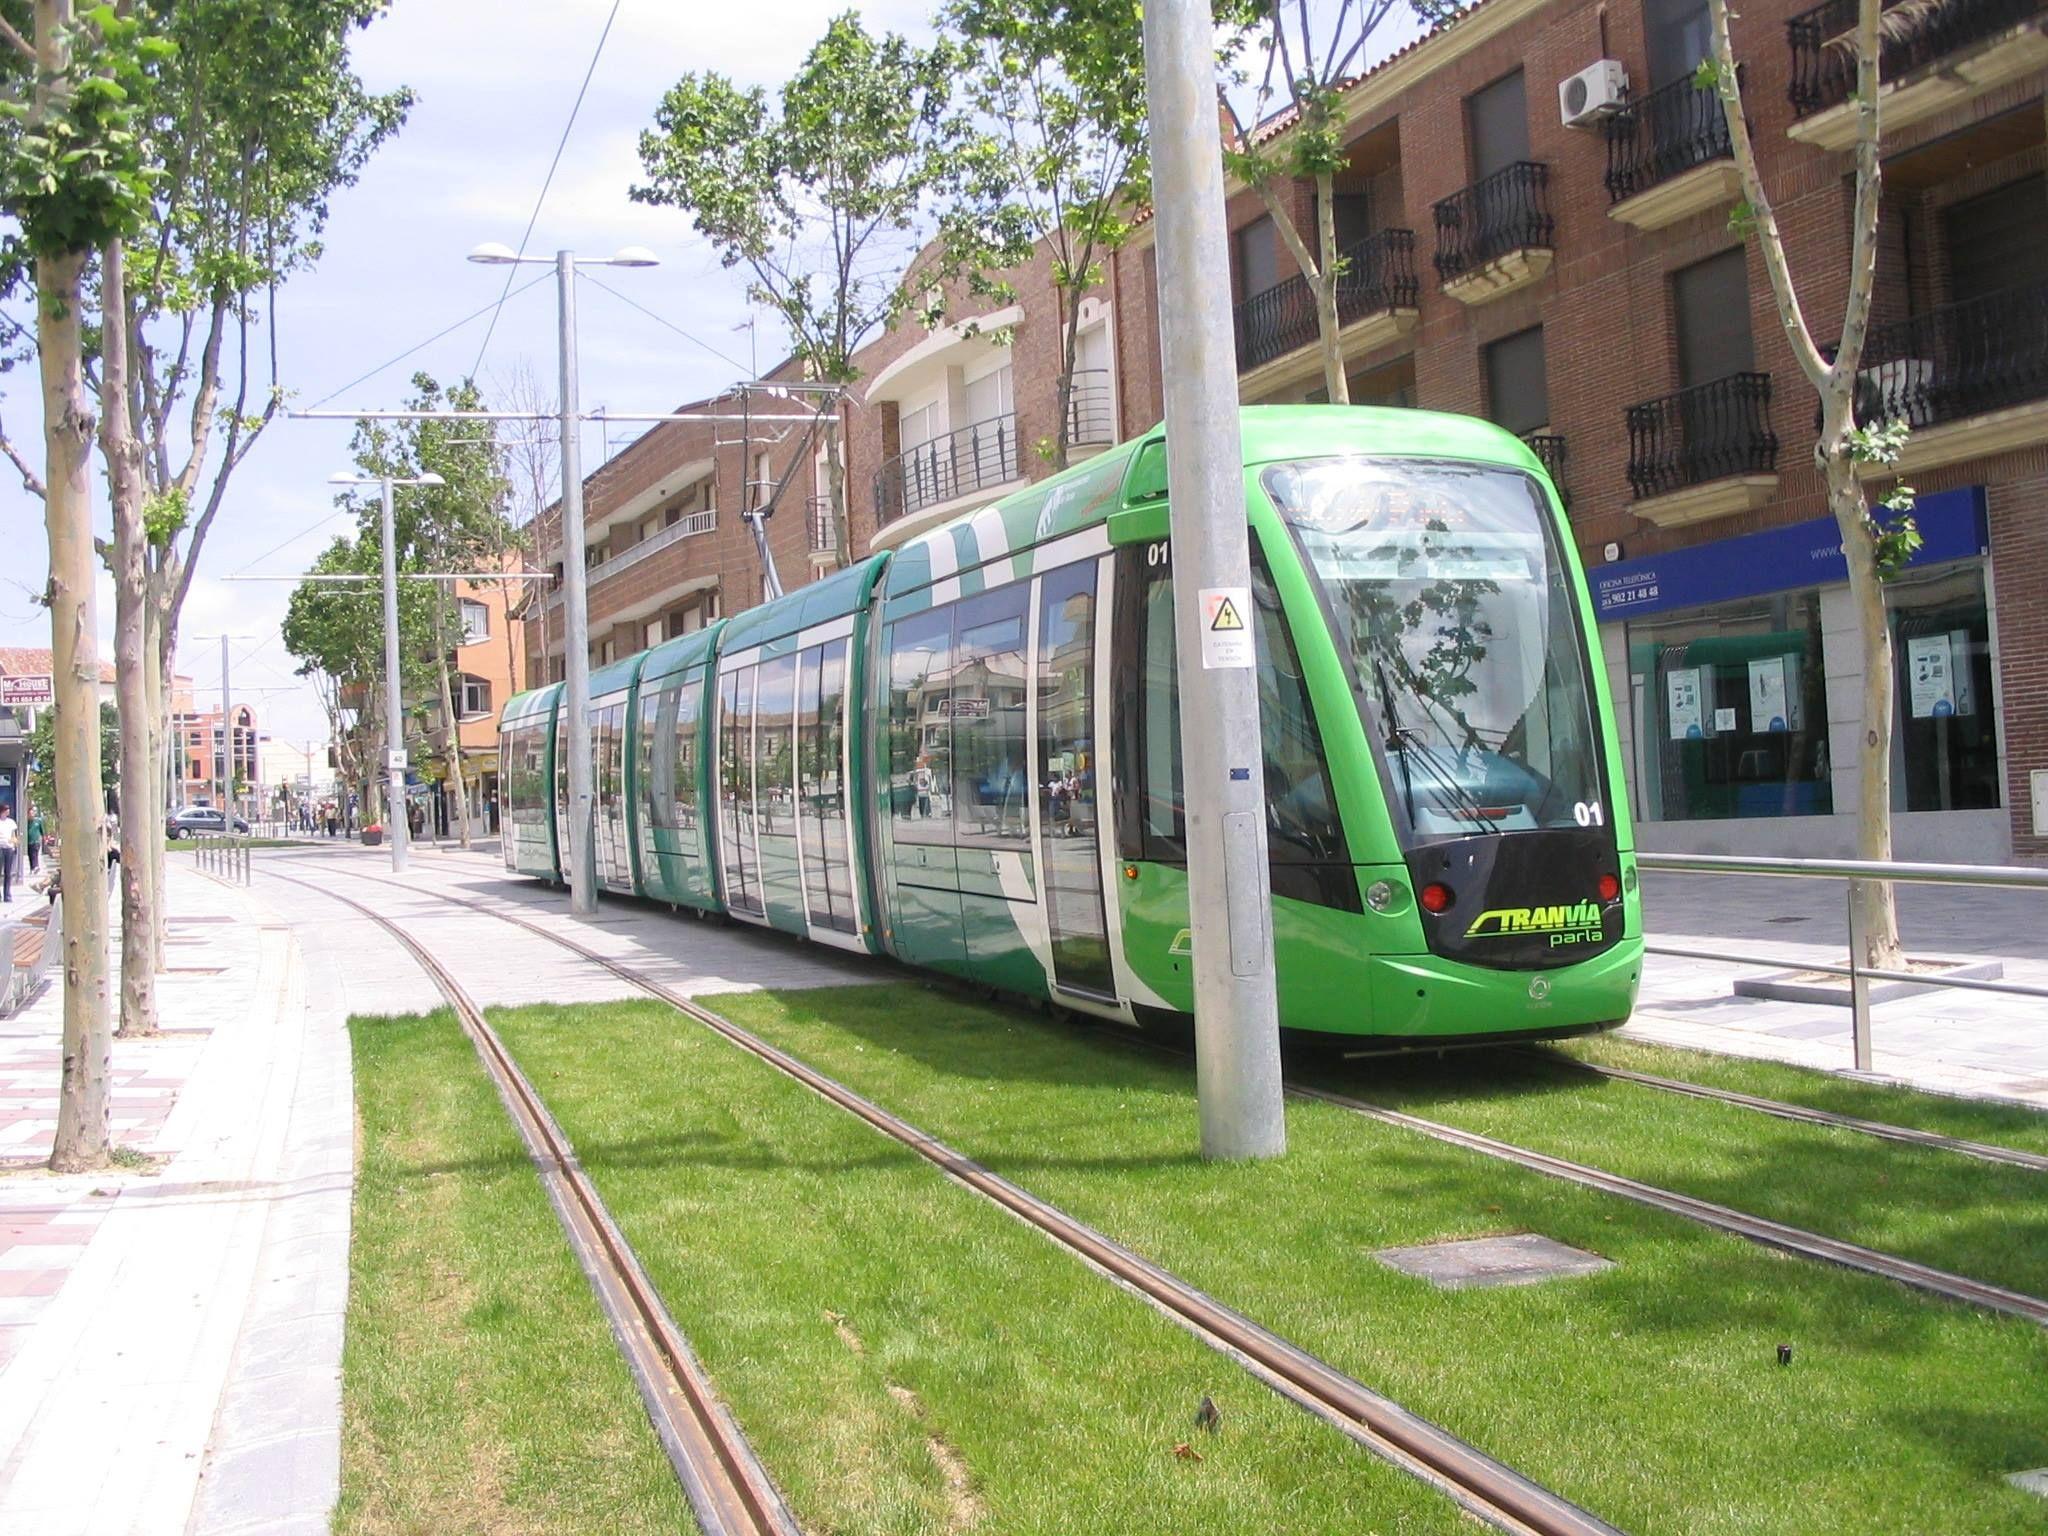 Los Tranvías De Parla Madrid Lugares Del Mundo Tranvias Tren